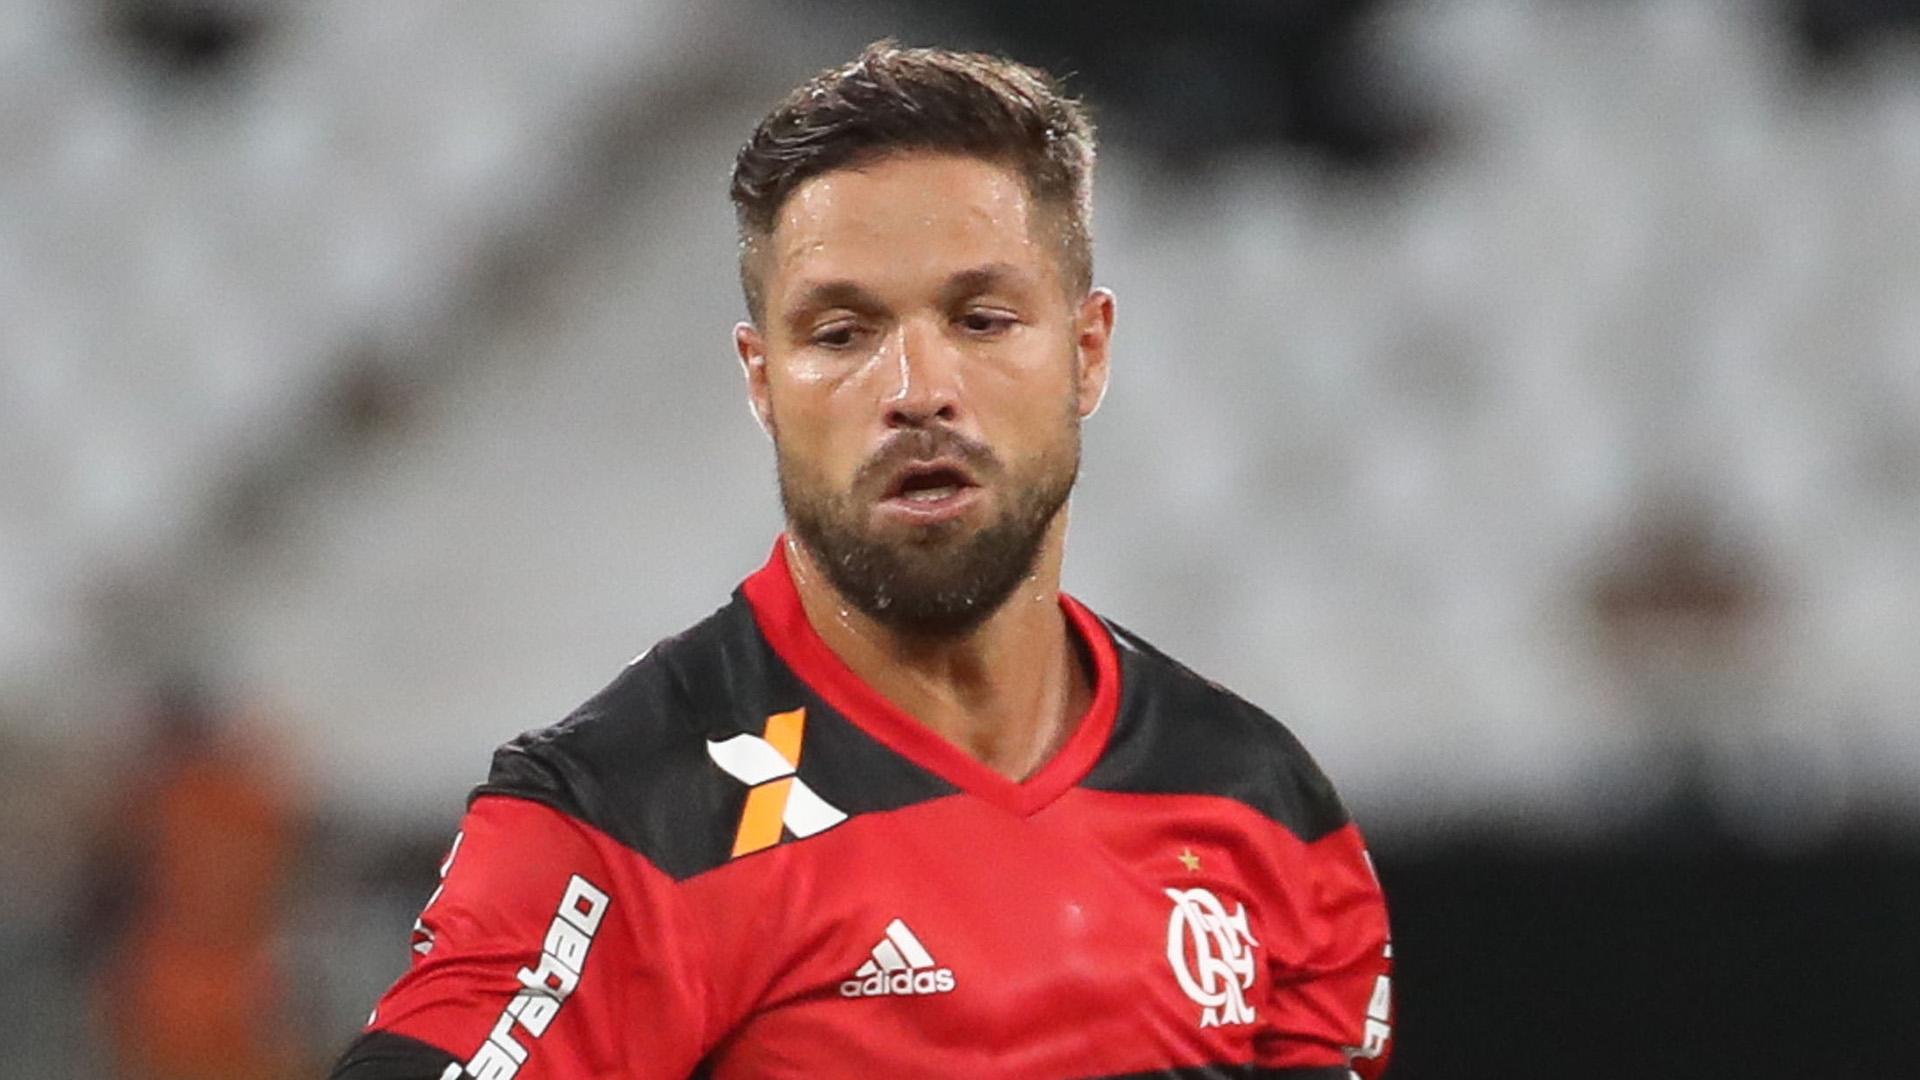 Diego Ribas Botafogo Flamengo Carioca 12022017